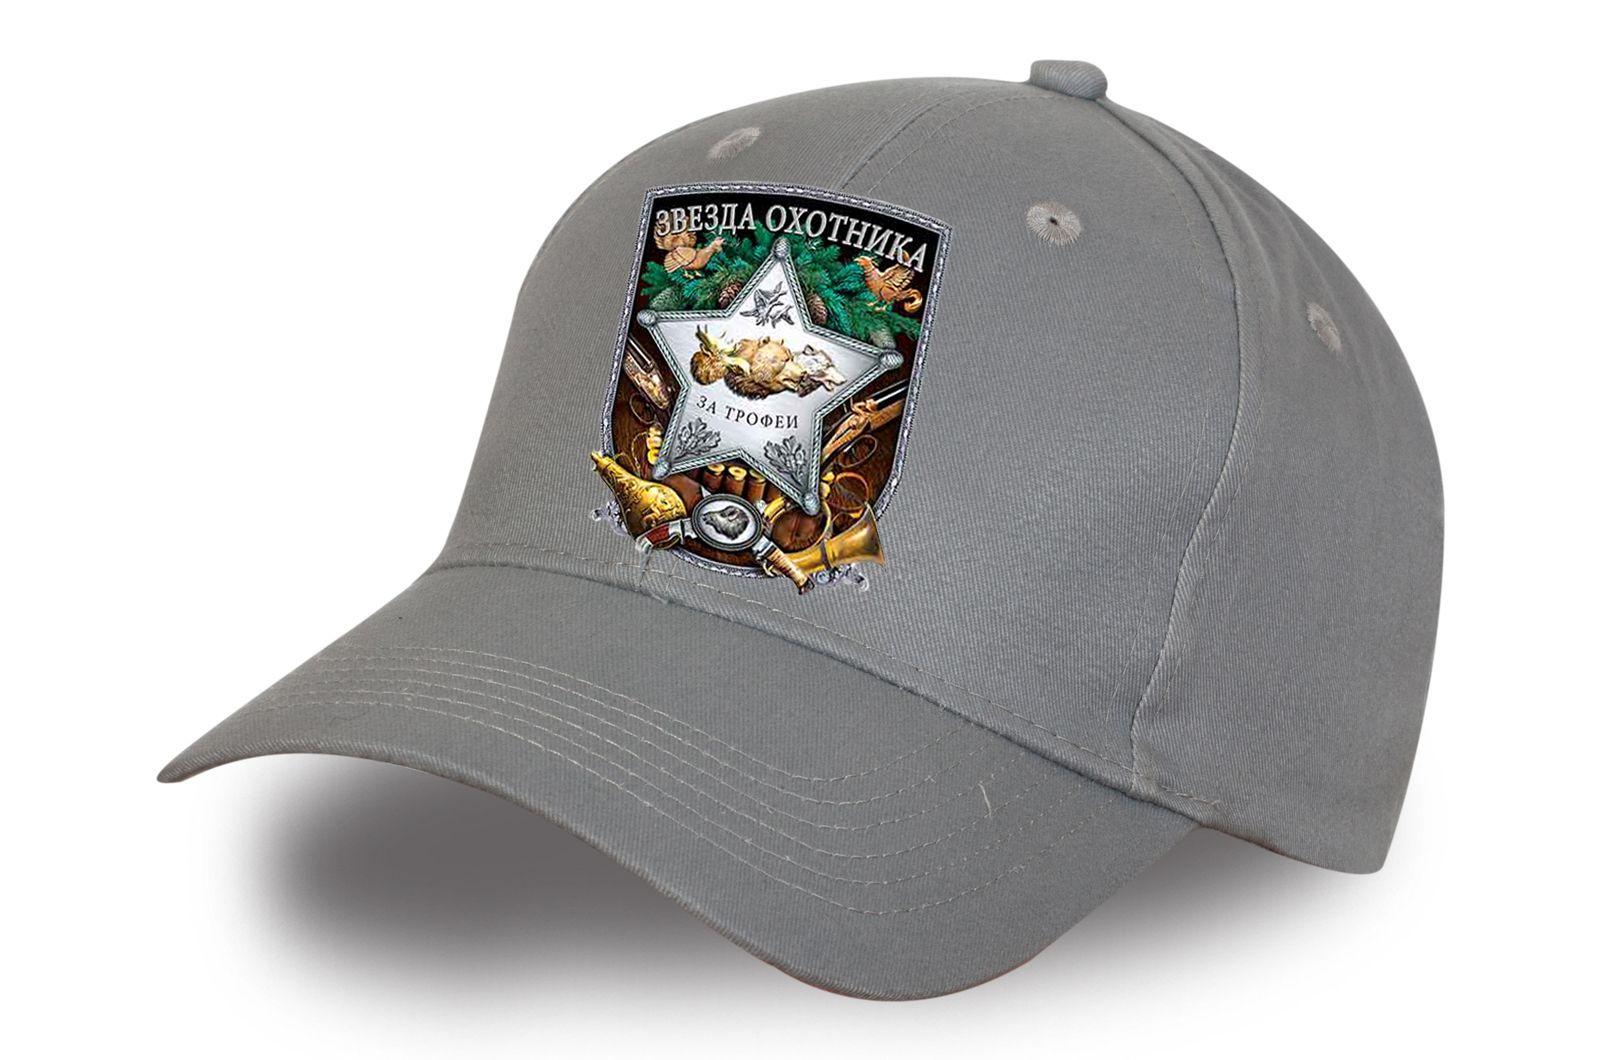 Серая бейсболка охотника - купить по лучшей цене